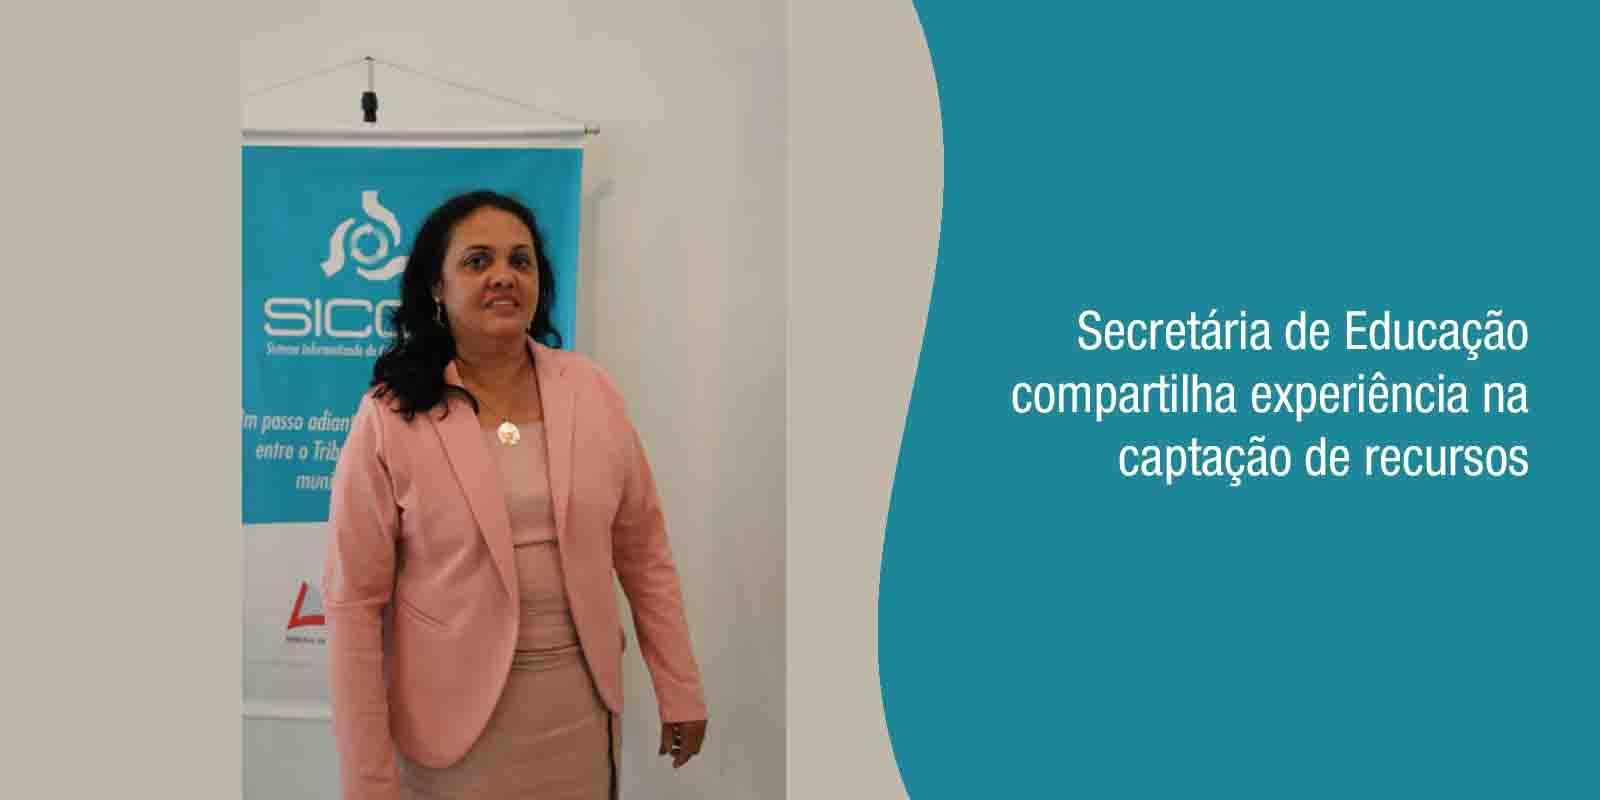 Secretária de Educação compartilha experiência na captação de recursos